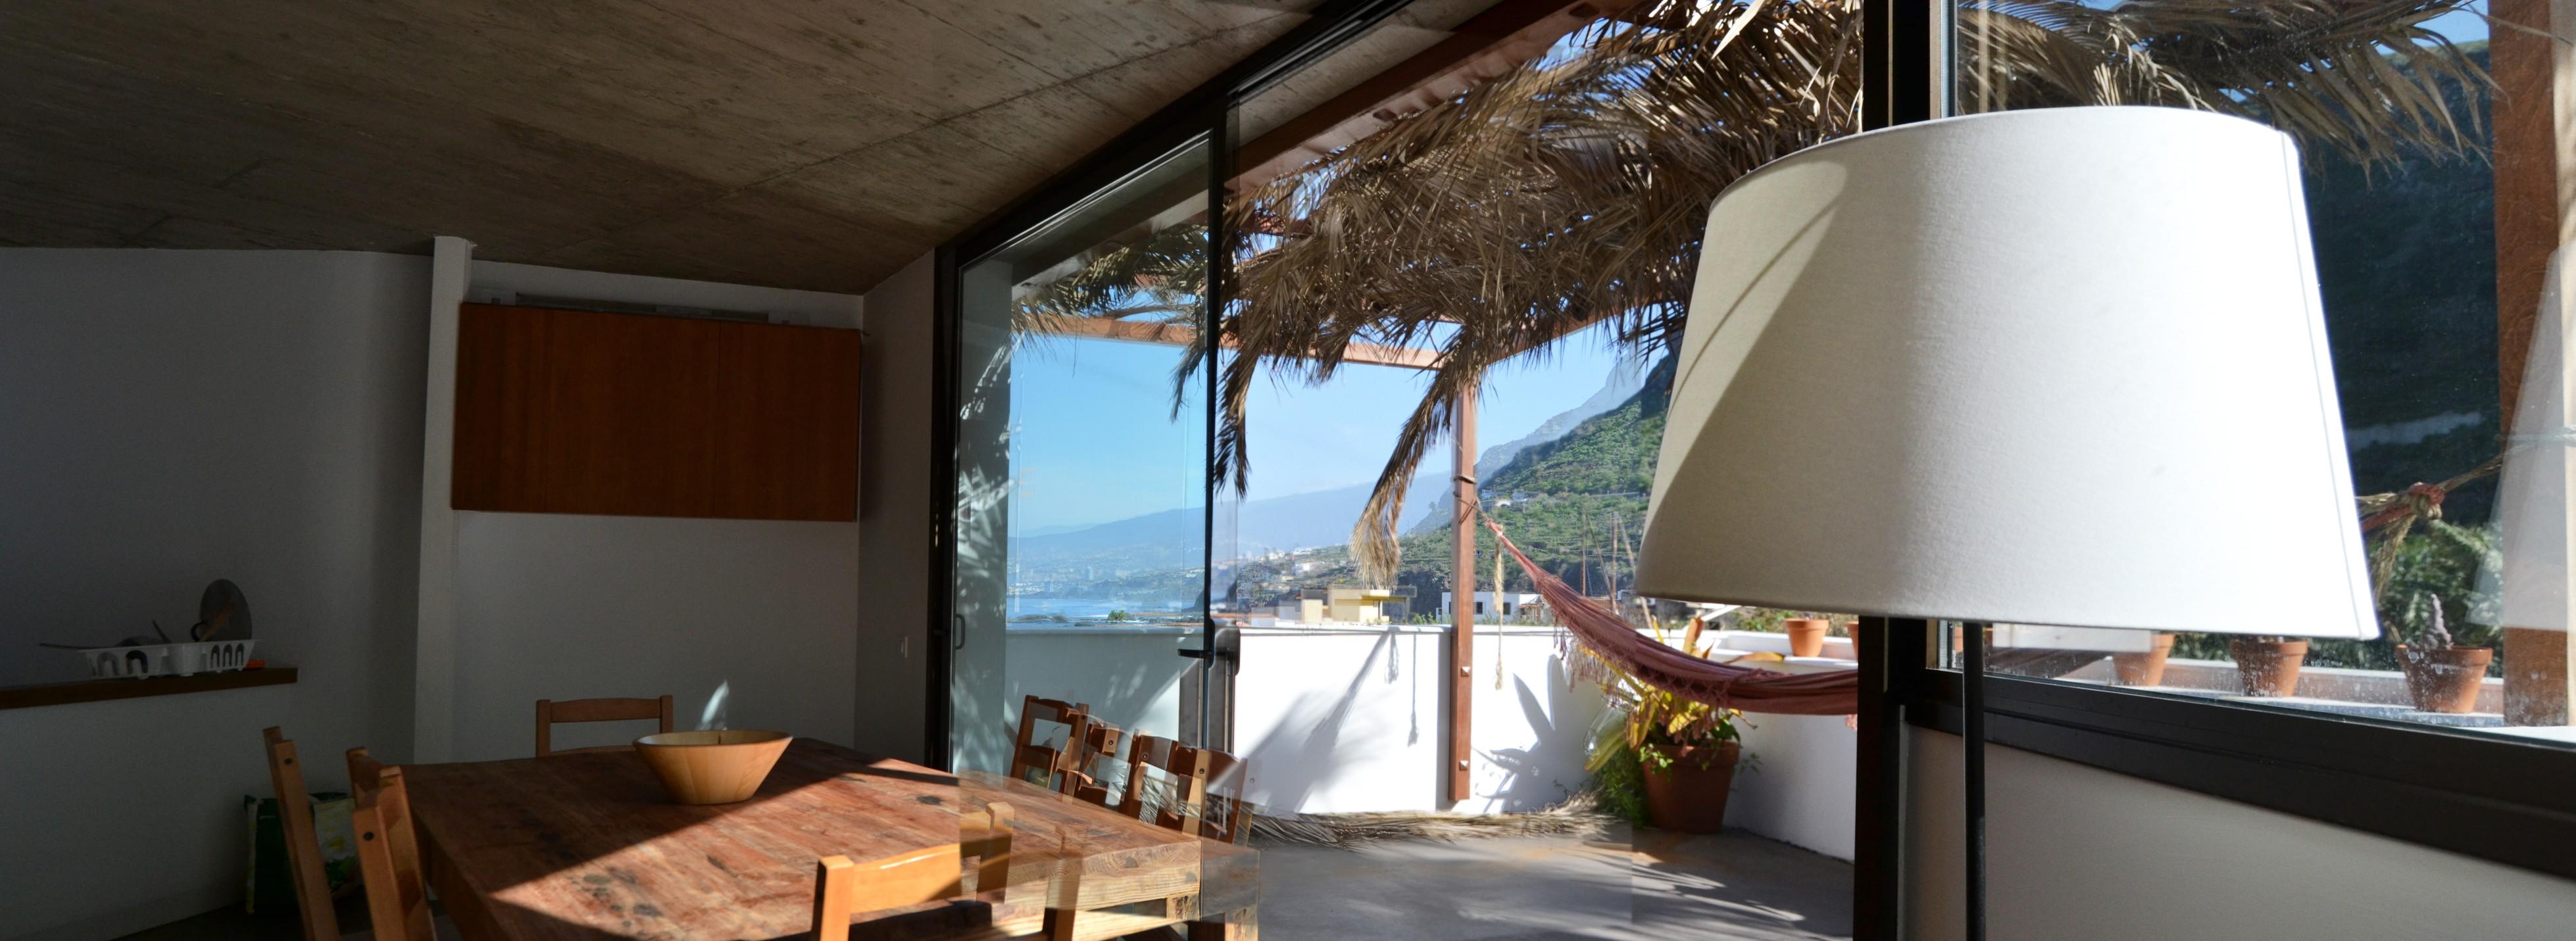 Vista desde el espacio interior hacia el paisaje del norte de Tenerife. Casa en las Aguas. TH Arquitectos, 2012